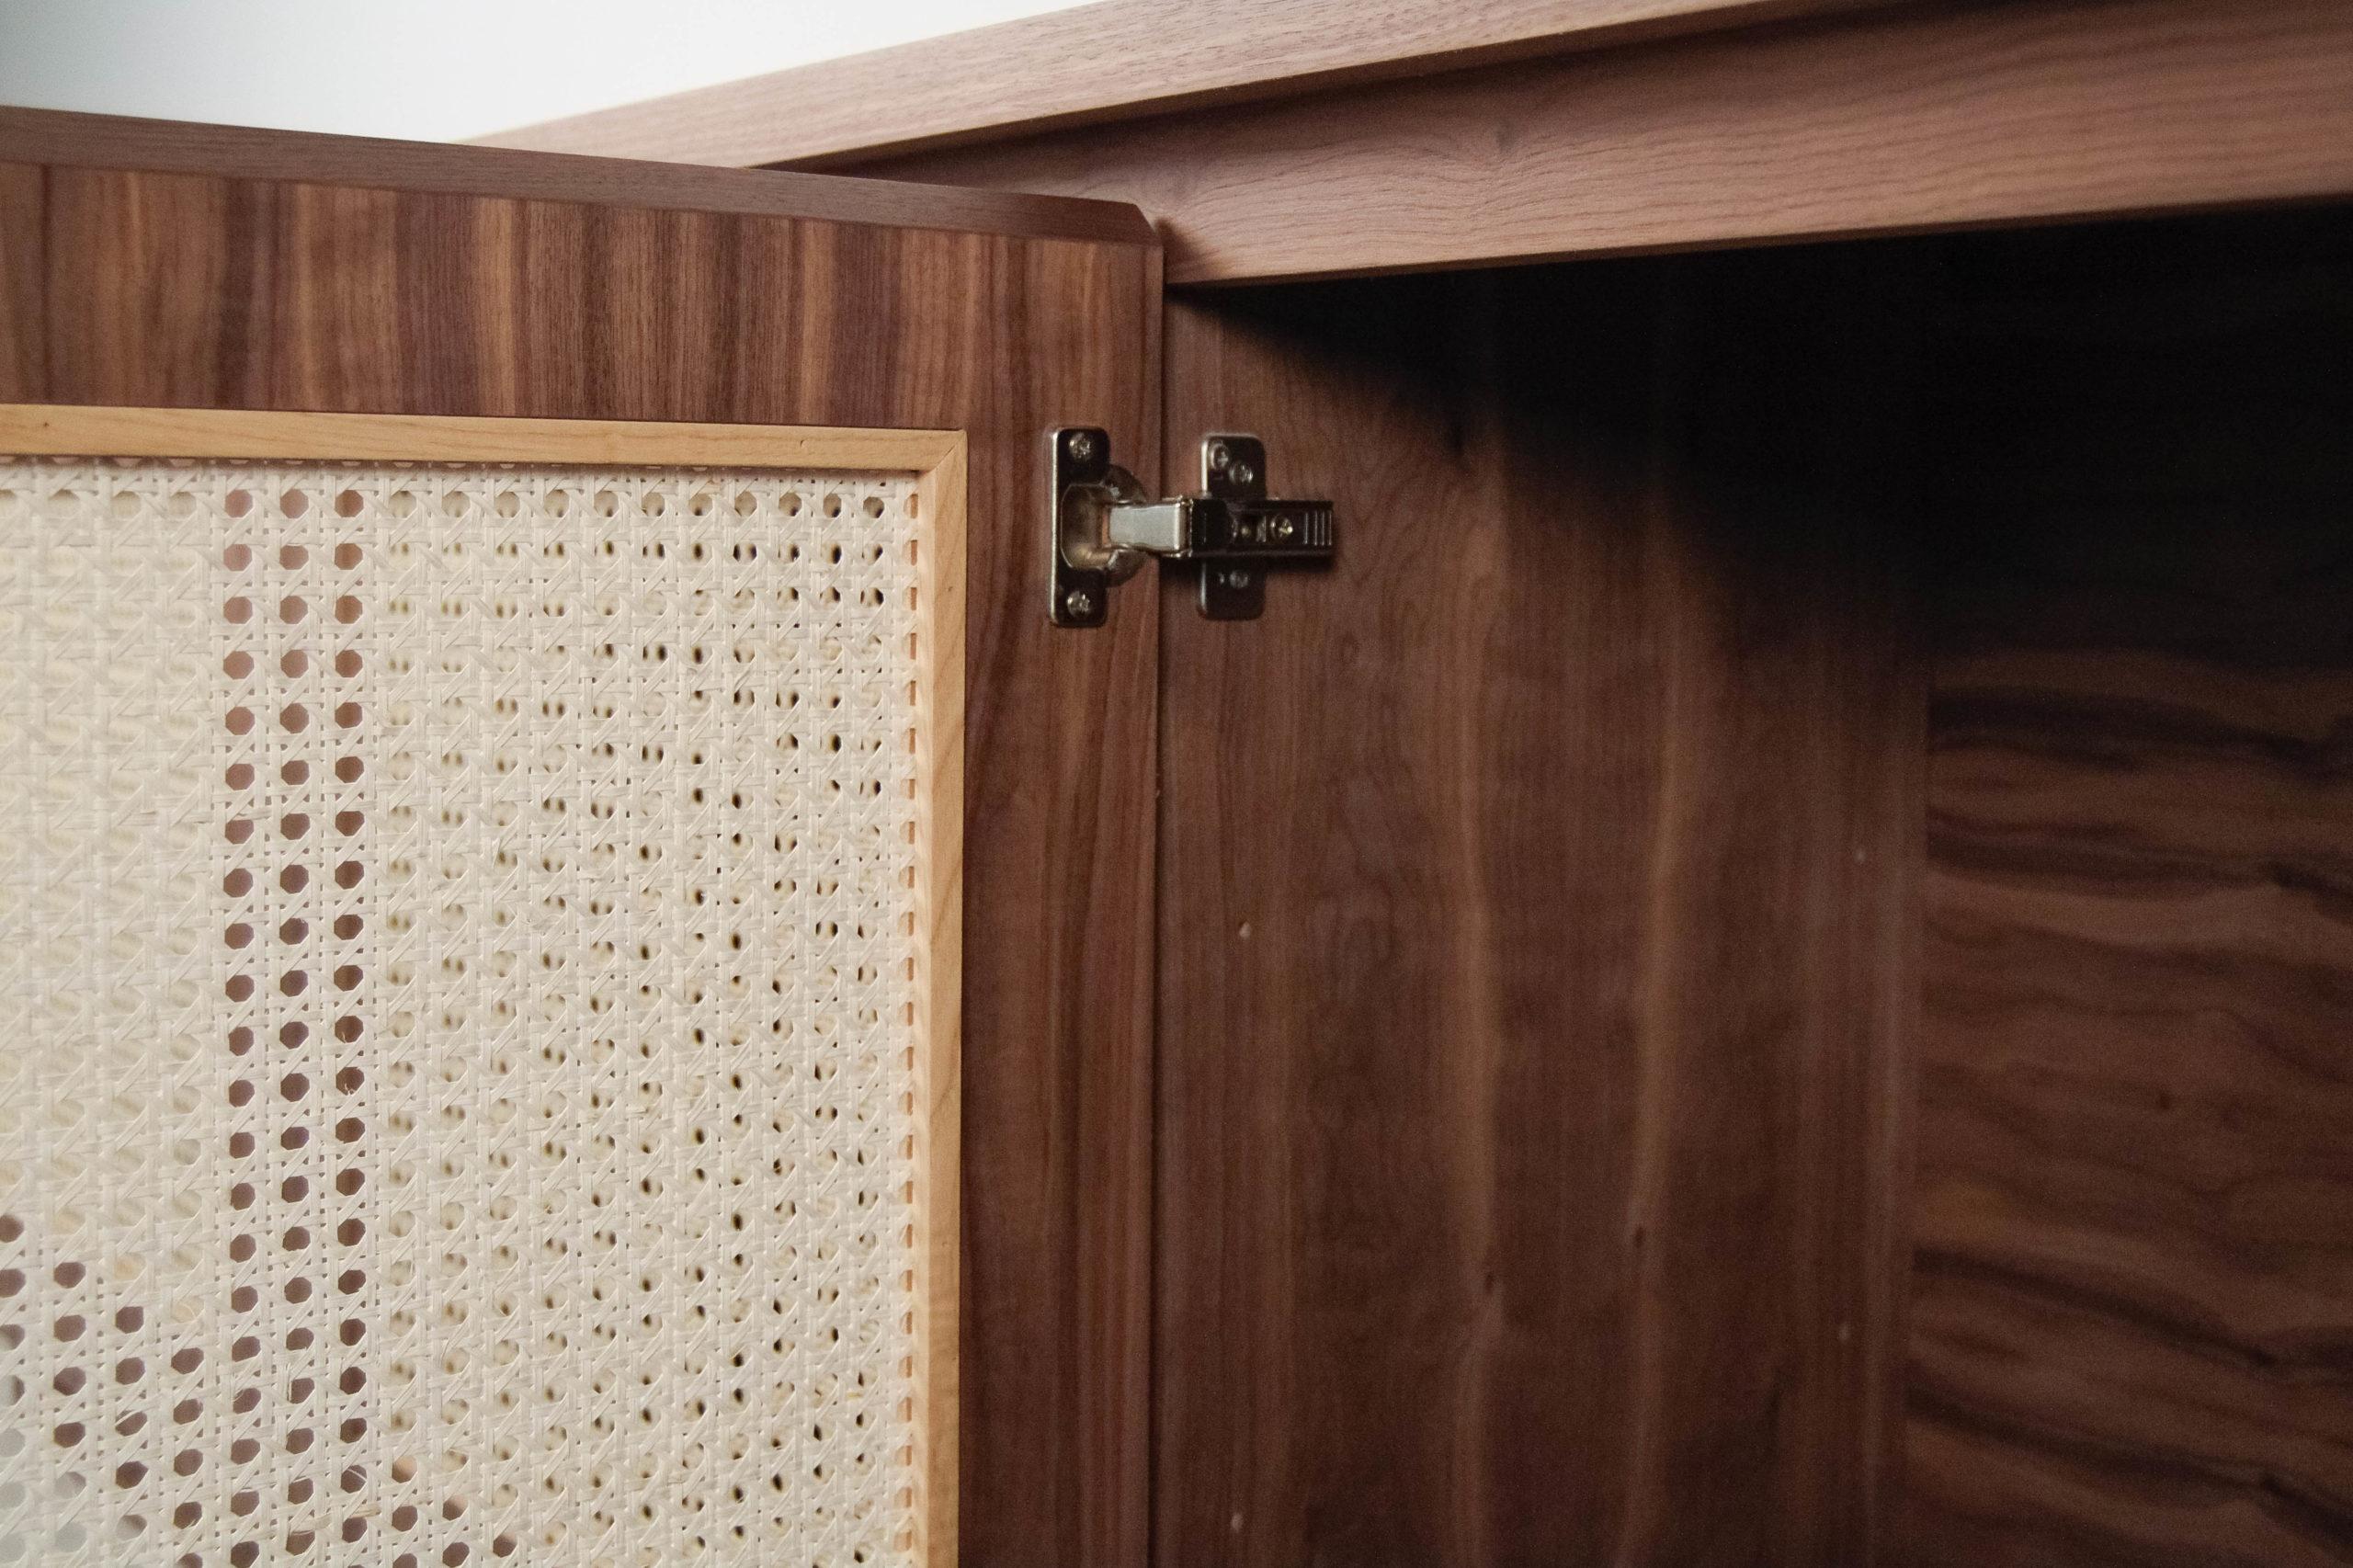 detalle bisagra de color marron interior mueble